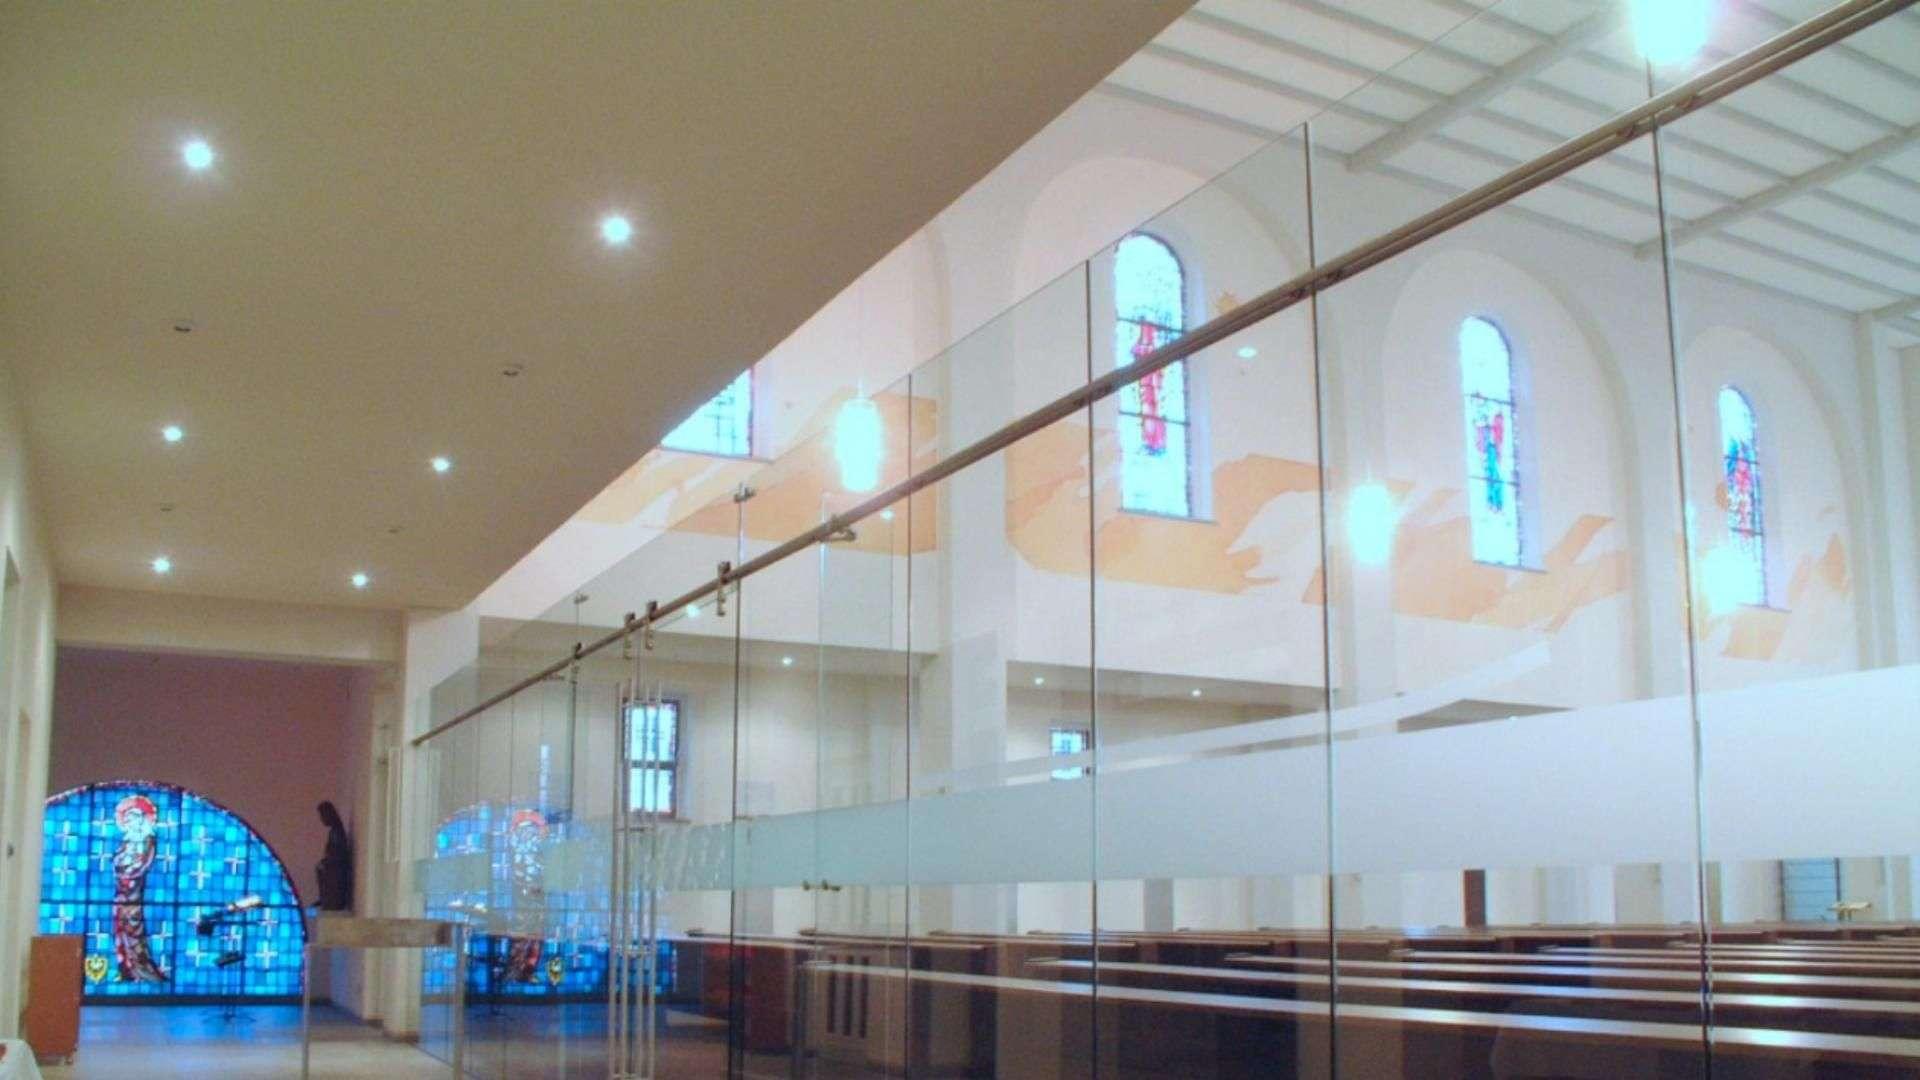 geschlossene Ganzglas-Anlage in einer Kirche